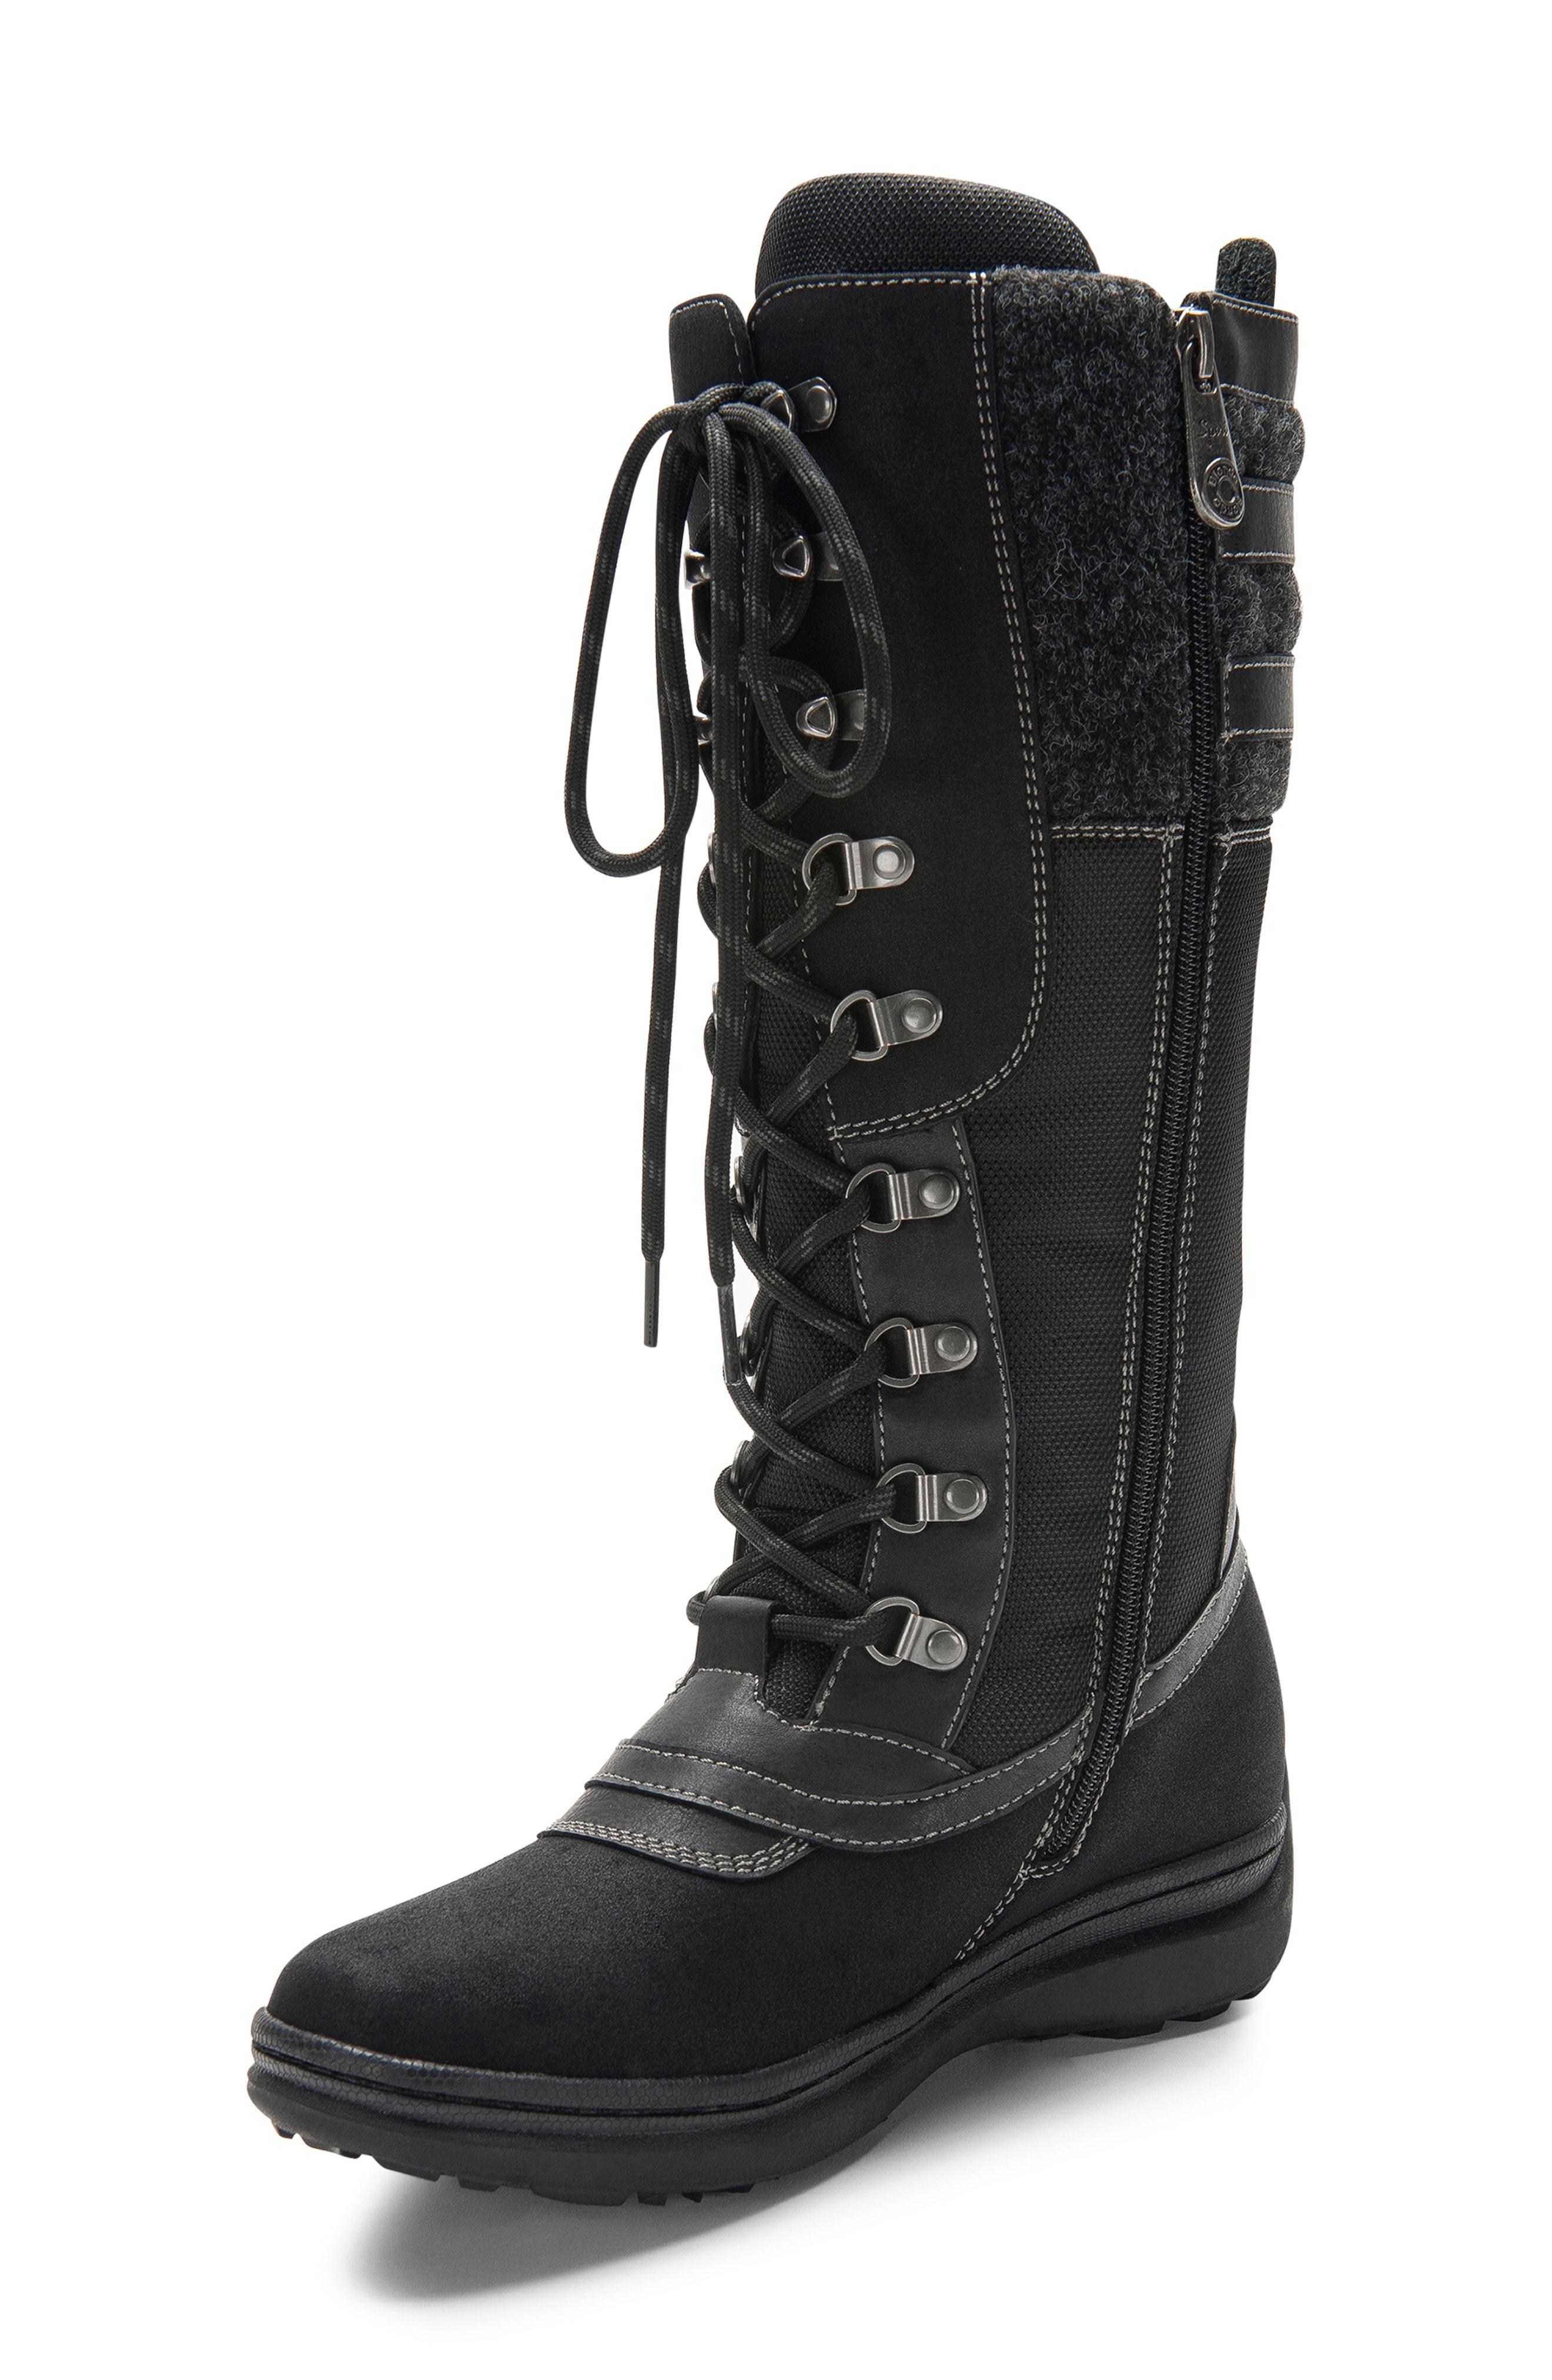 Blondo India Waterproof Snow Boot (Women)